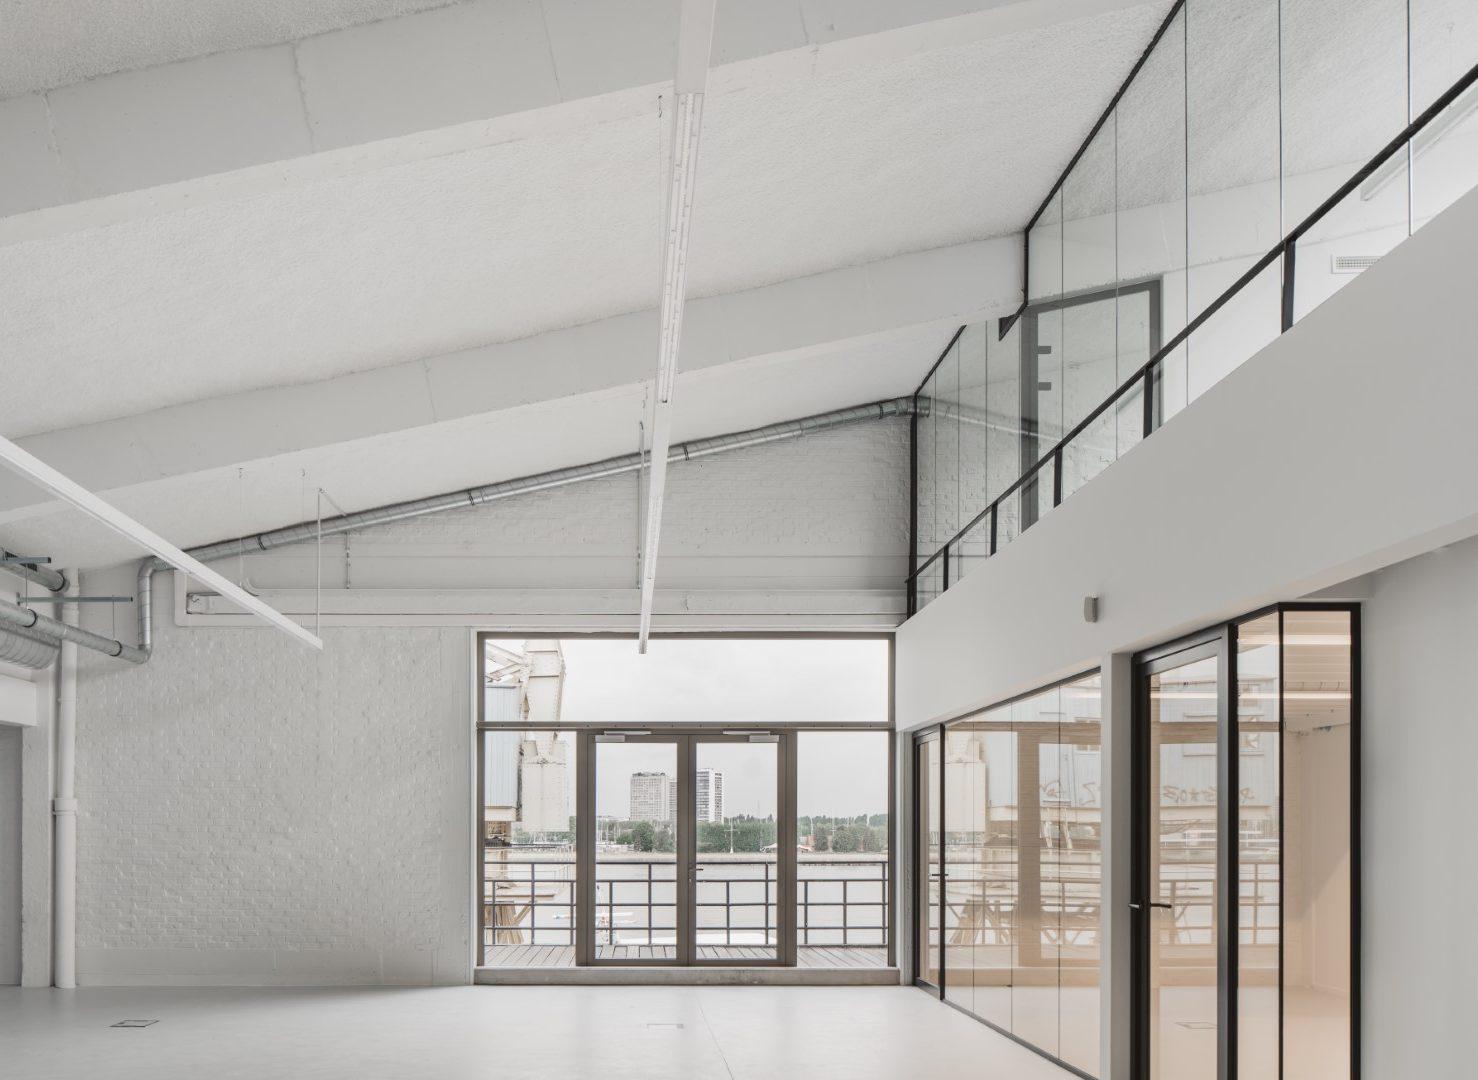 faktordertig - Hangar 26 - iconisch gebouw - architectuur - interieur - np bridging - leasinvest - kantoor